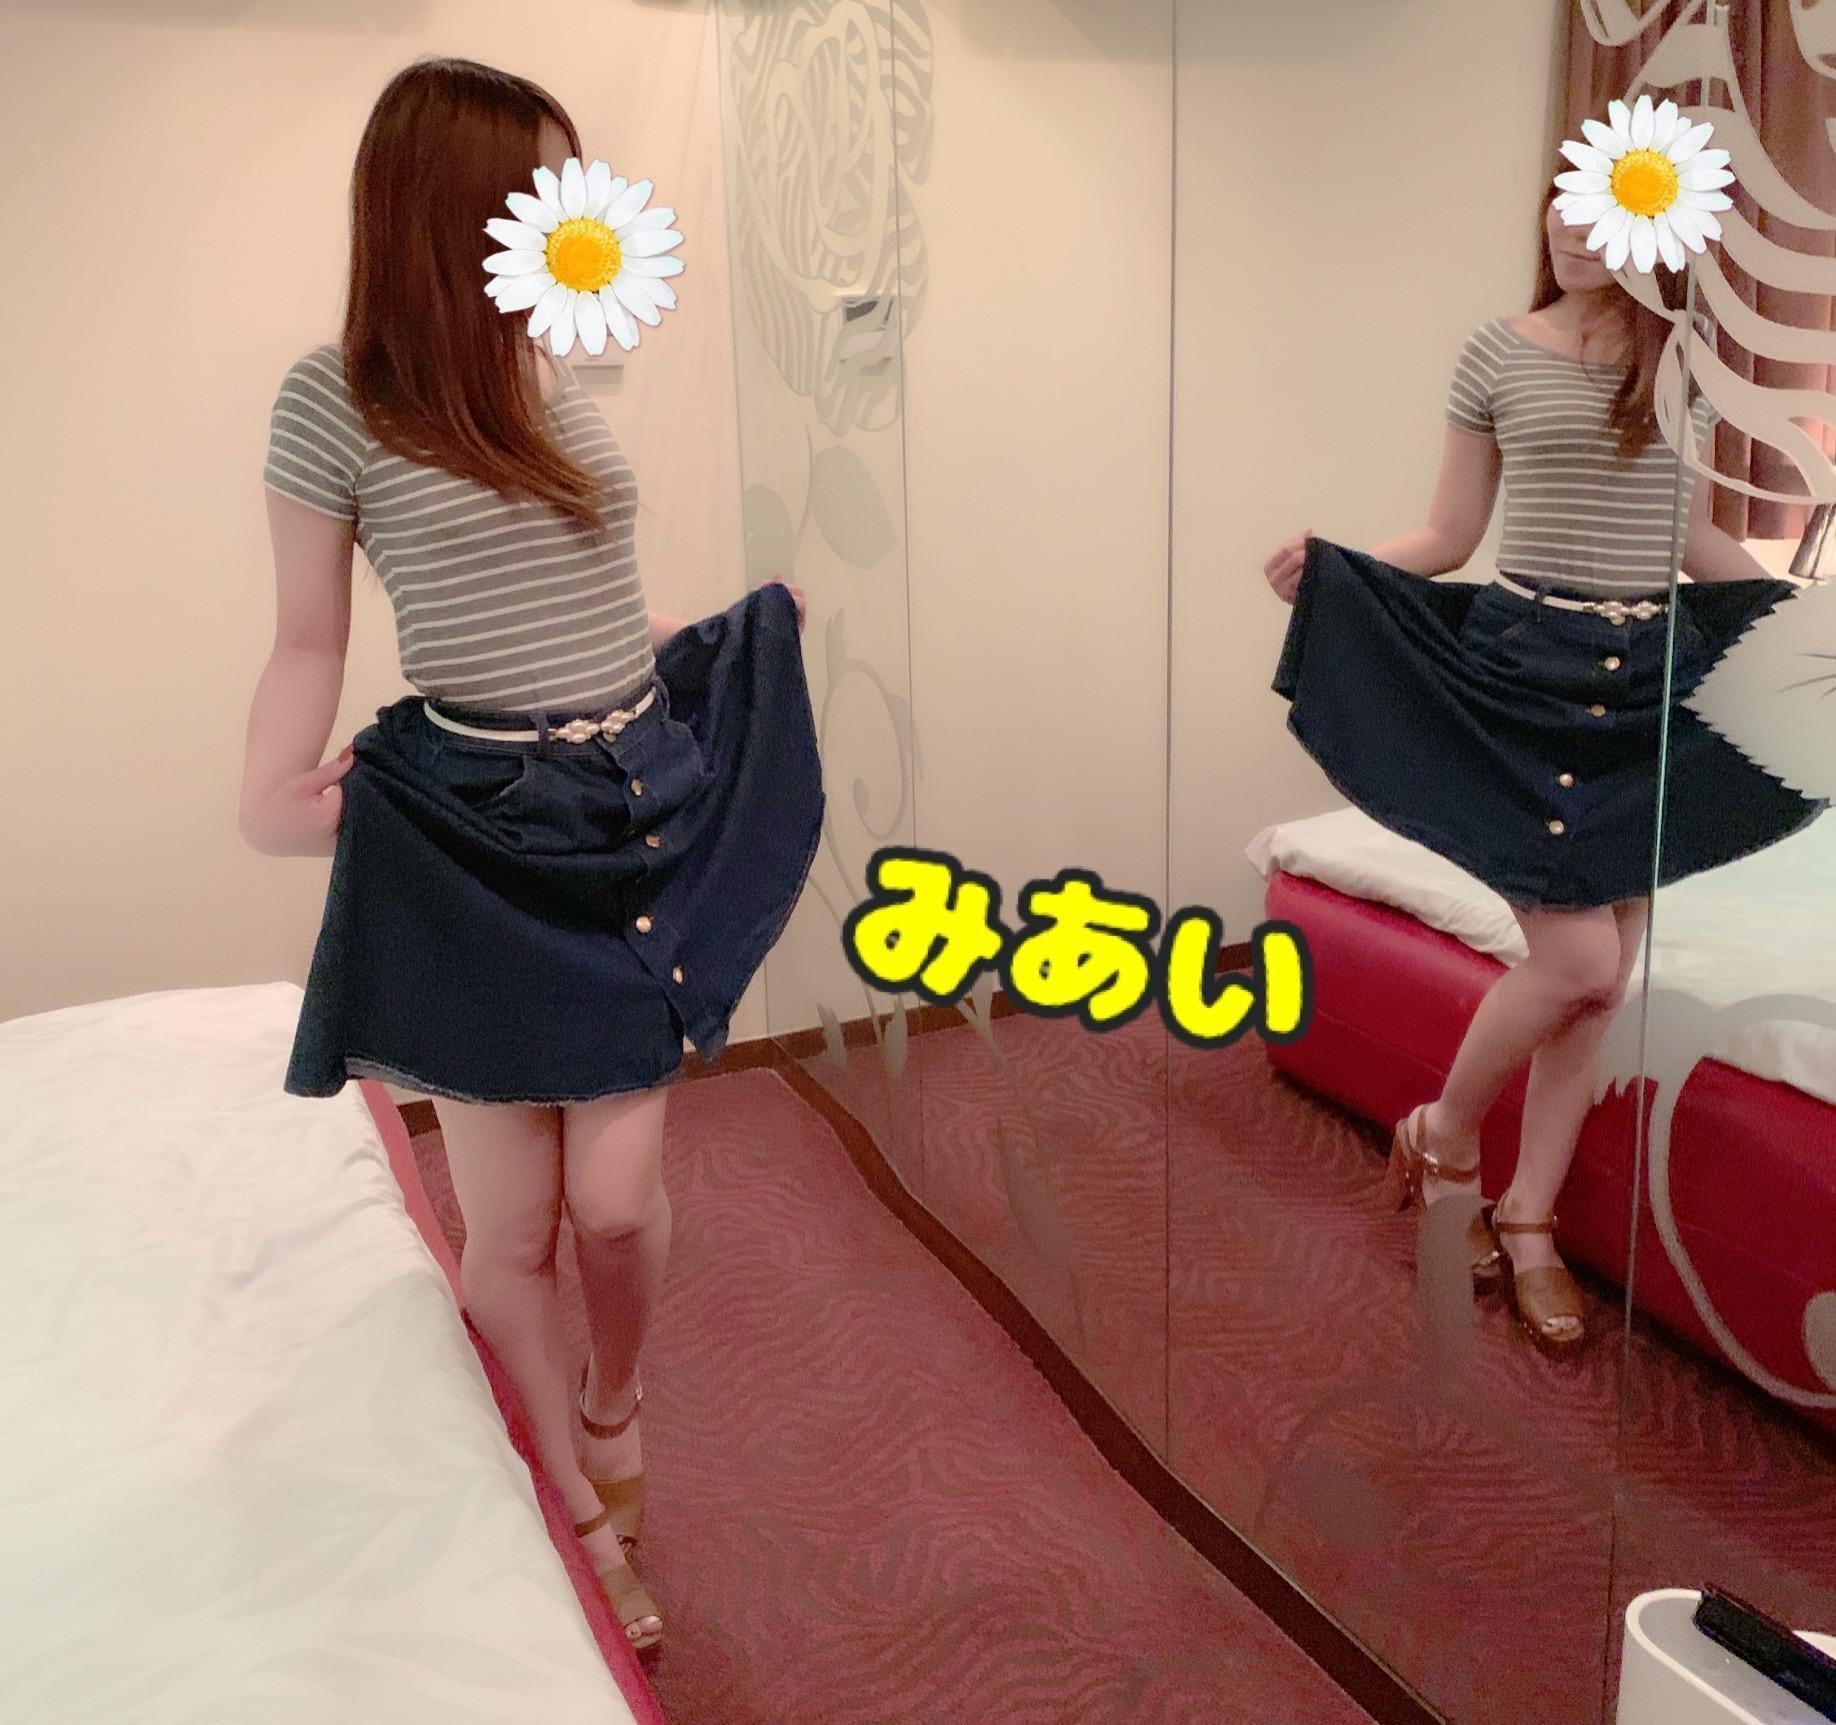 「出勤しますよん♡」01/17(01/17) 07:40   みあいの写メ・風俗動画